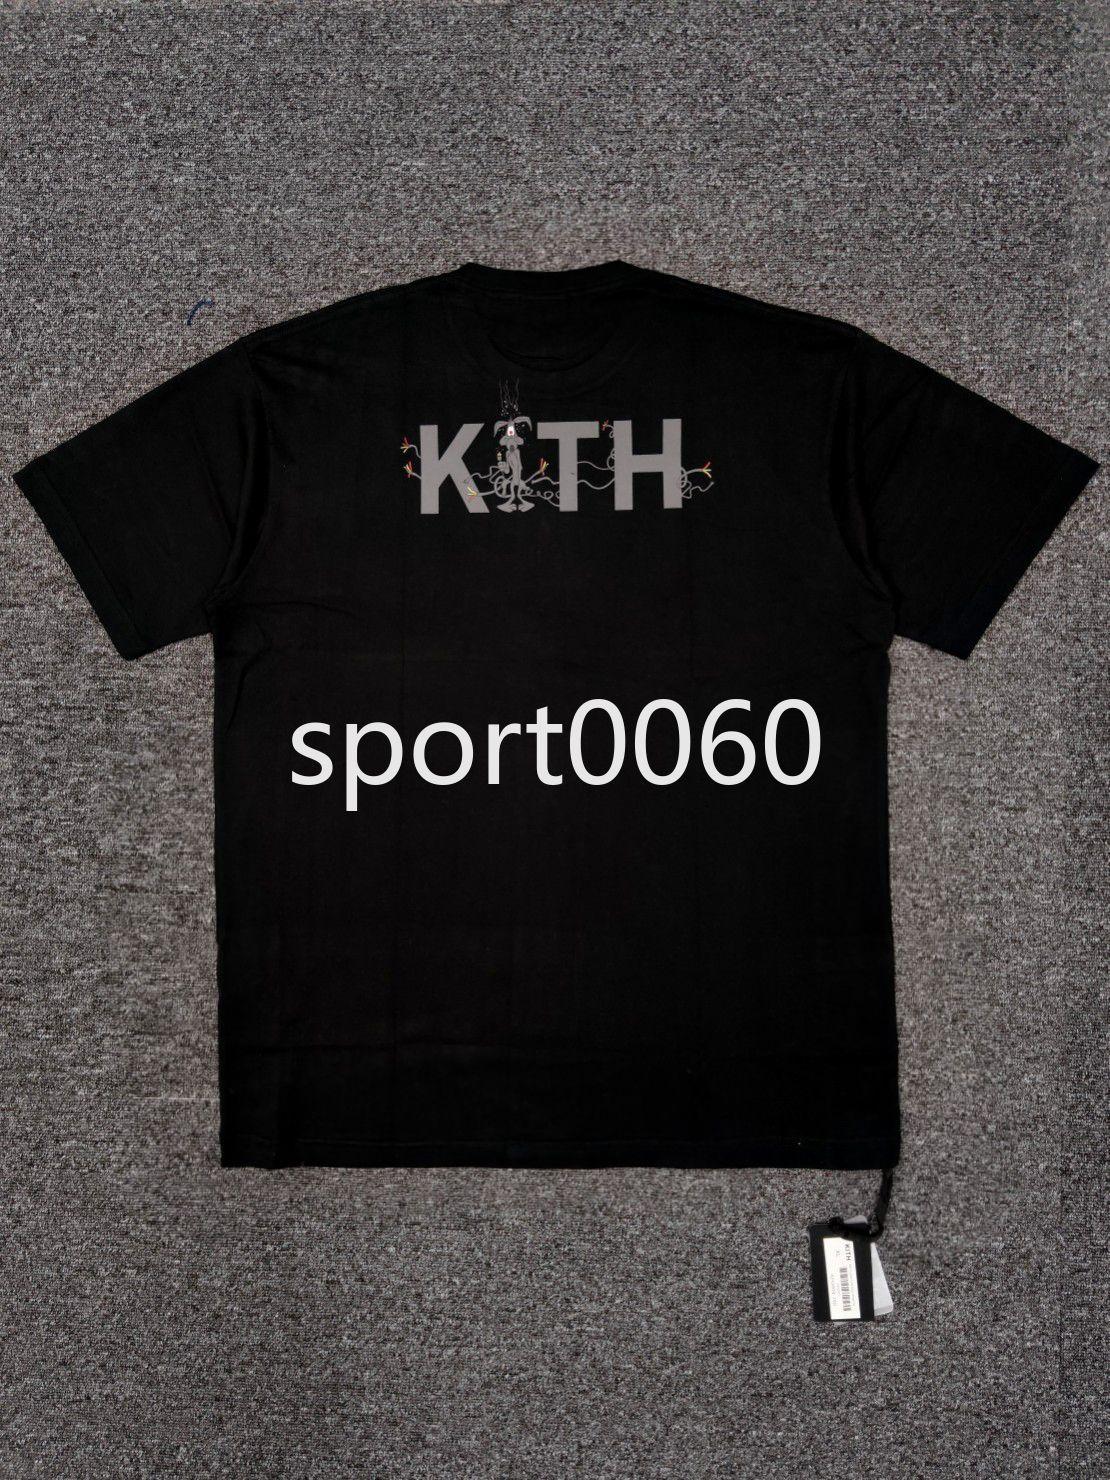 Kith New Back Shadow Письмо Печать ошибок BUNNY Объединенное имя Высокая улица Maychao Круглая шея Свободные Короткие Футболка